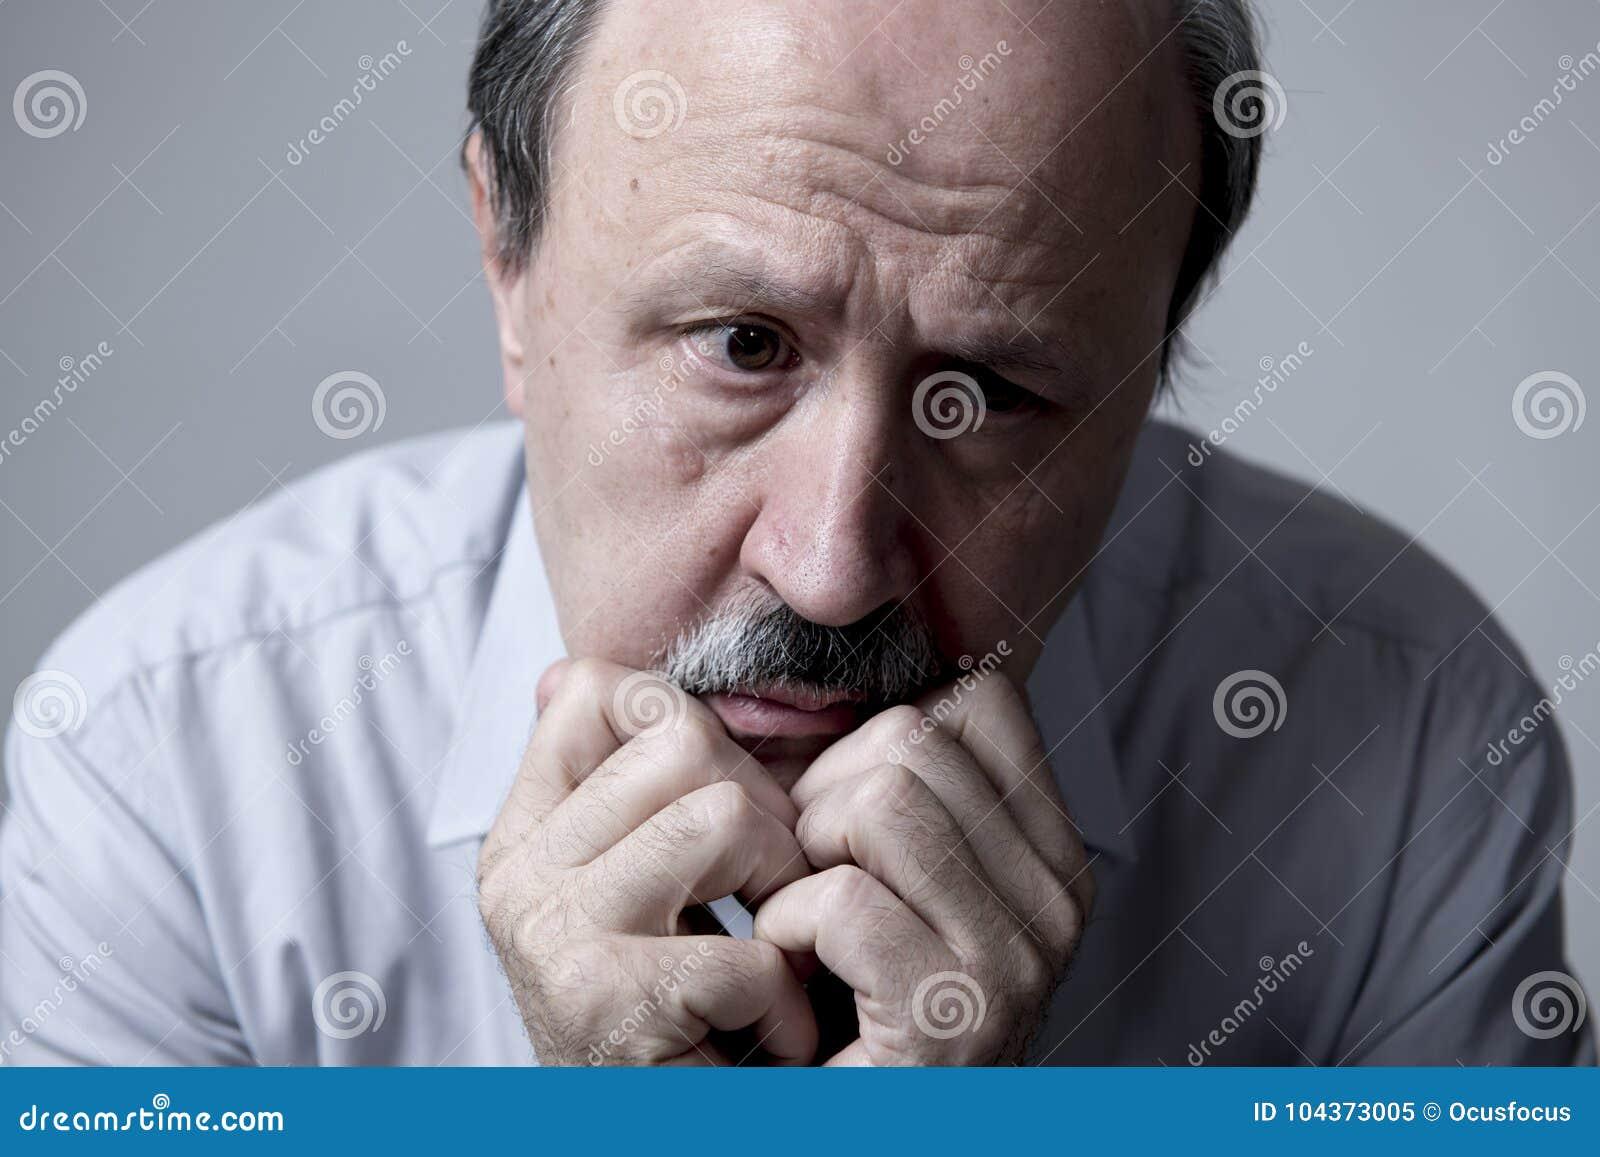 men seniors Older mature